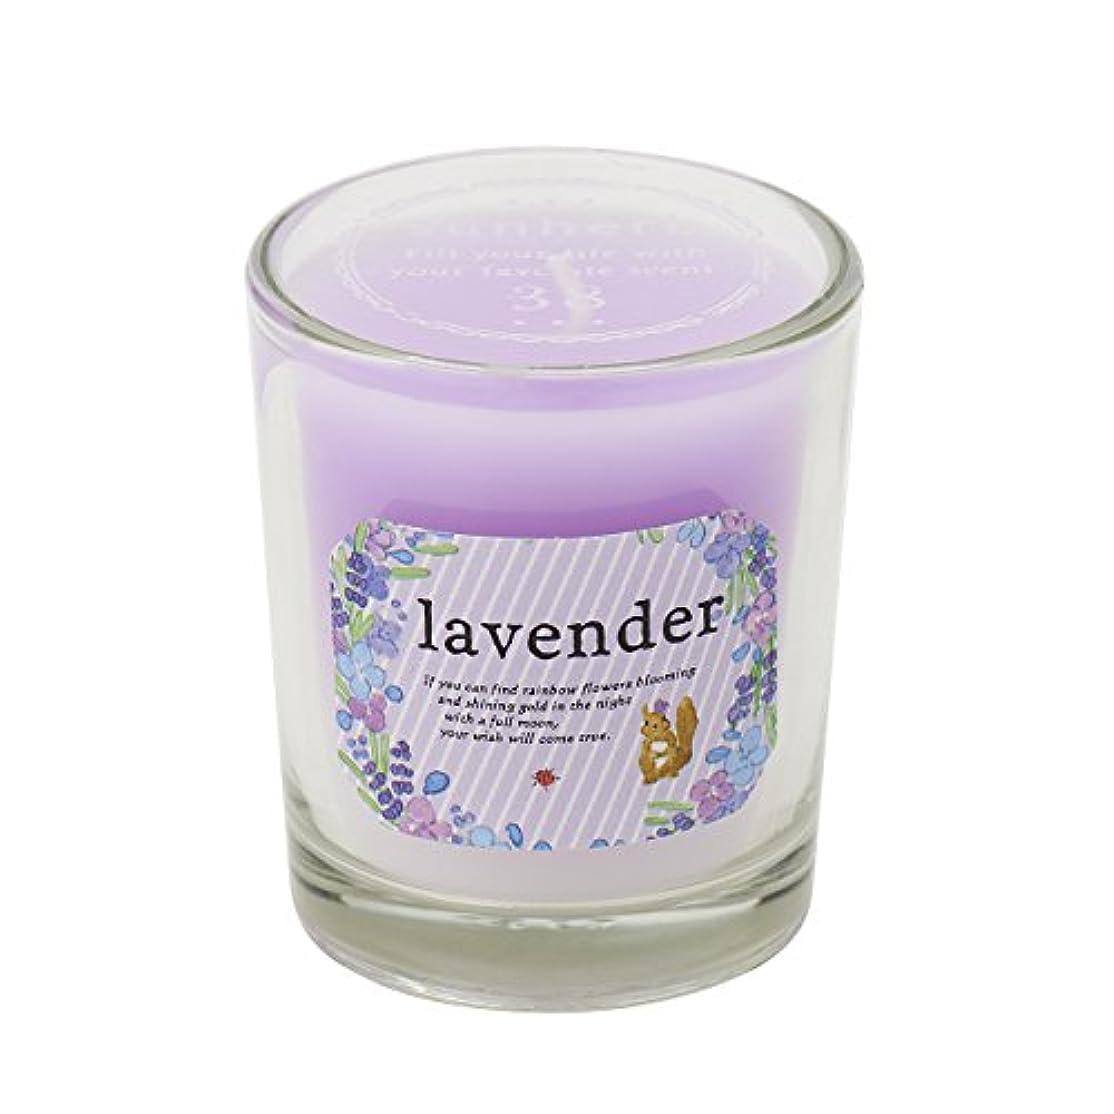 サンハーブ グラスキャンドル ラベンダー 35g(グラデーションろうそく 燃焼時間約10時間 ふわっと爽やかなラベンダーの香り)